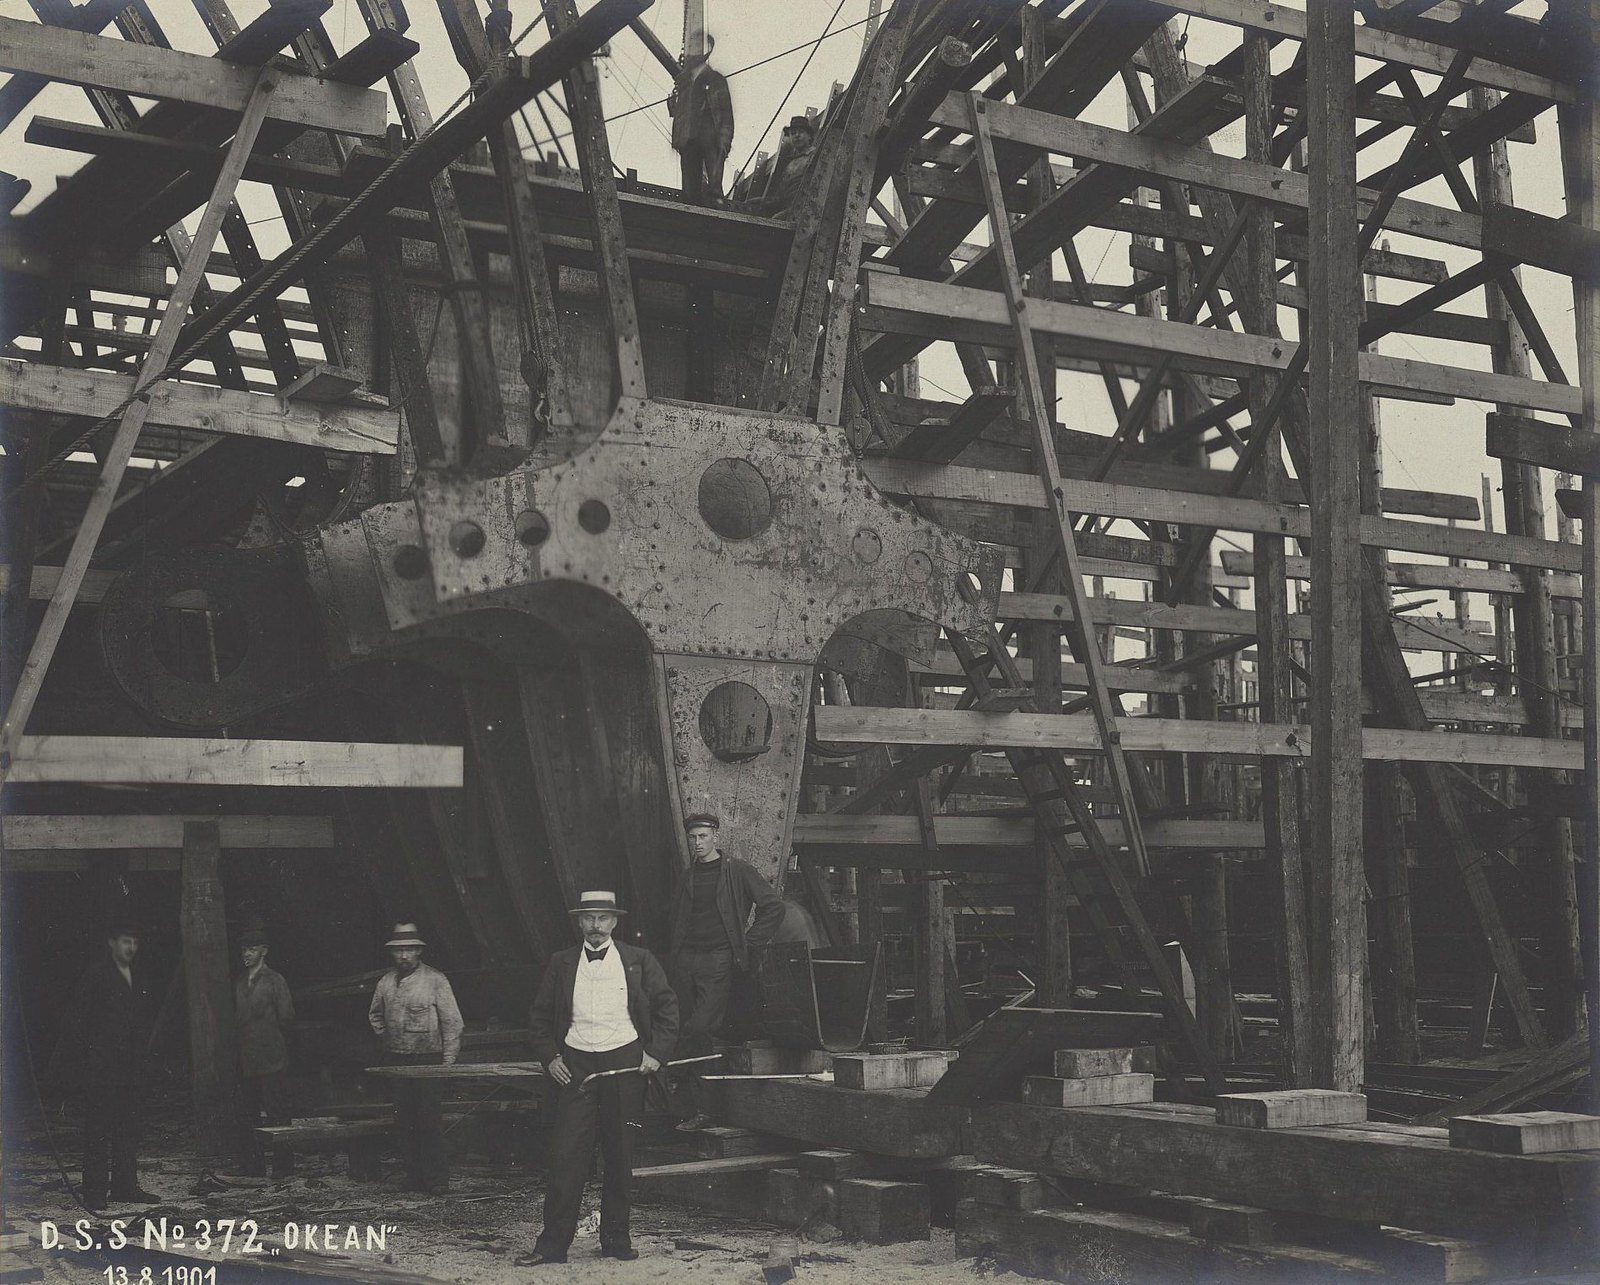 03. Строительство учебного судна «Океан». 13 августа 1901 г.